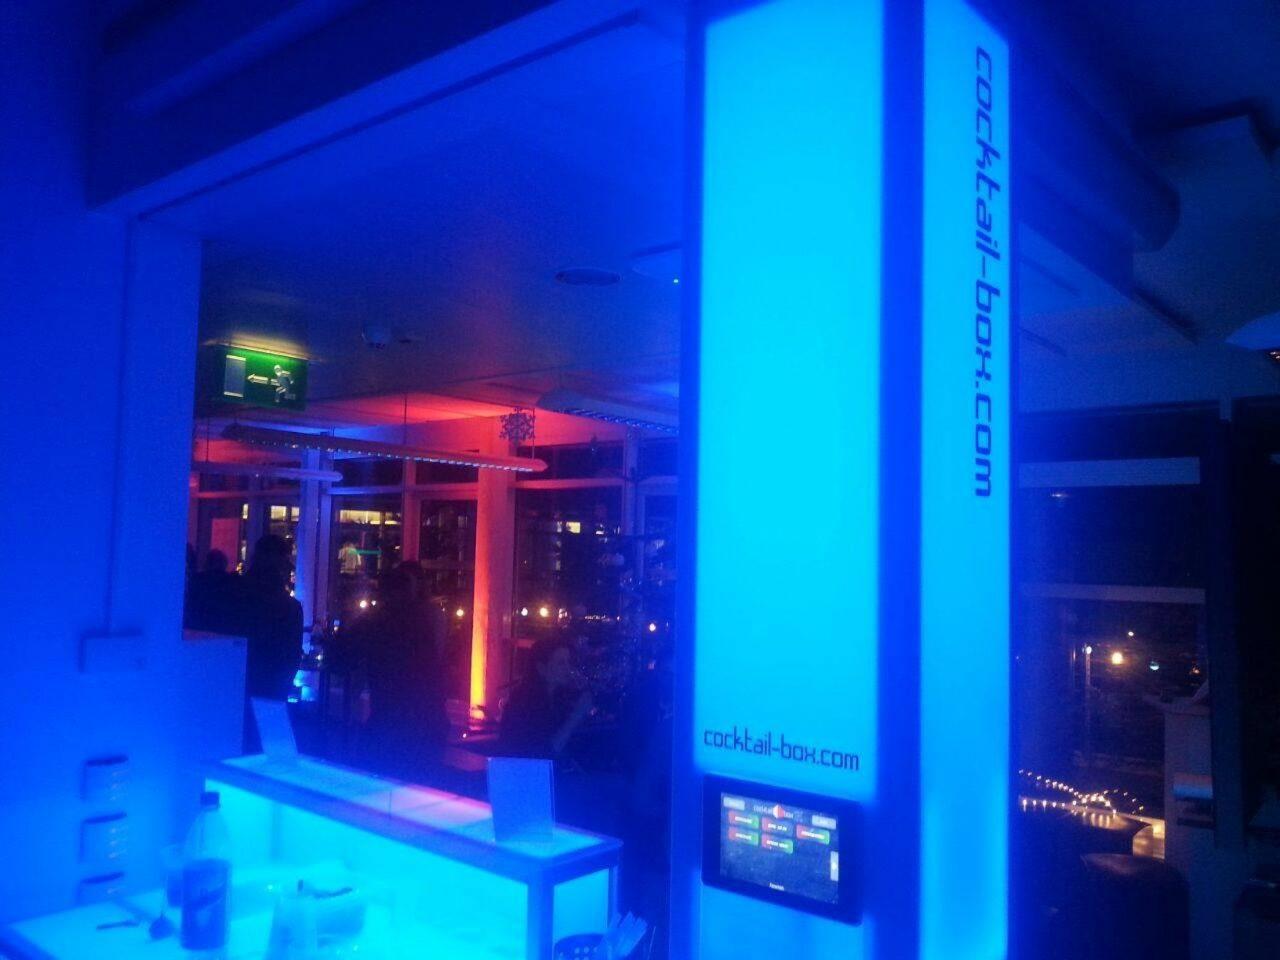 Deutsche-Bank-Digital-Factory_1-1